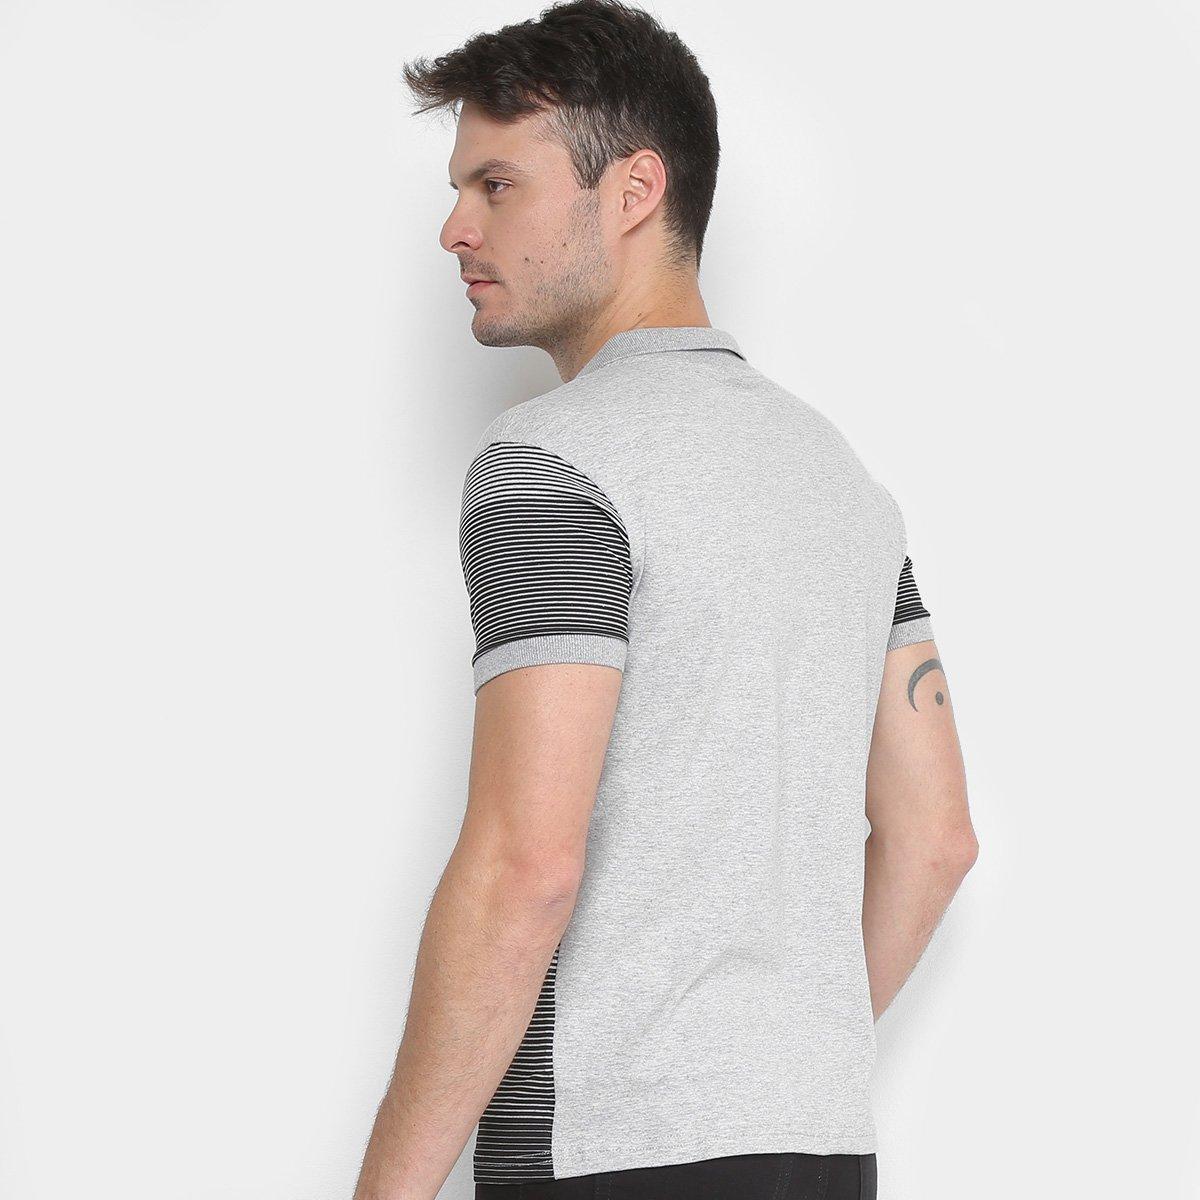 Camisa Polo RG 518 Listrada Degrade Masculina - Mescla - Compre ... 9eef6cd401849